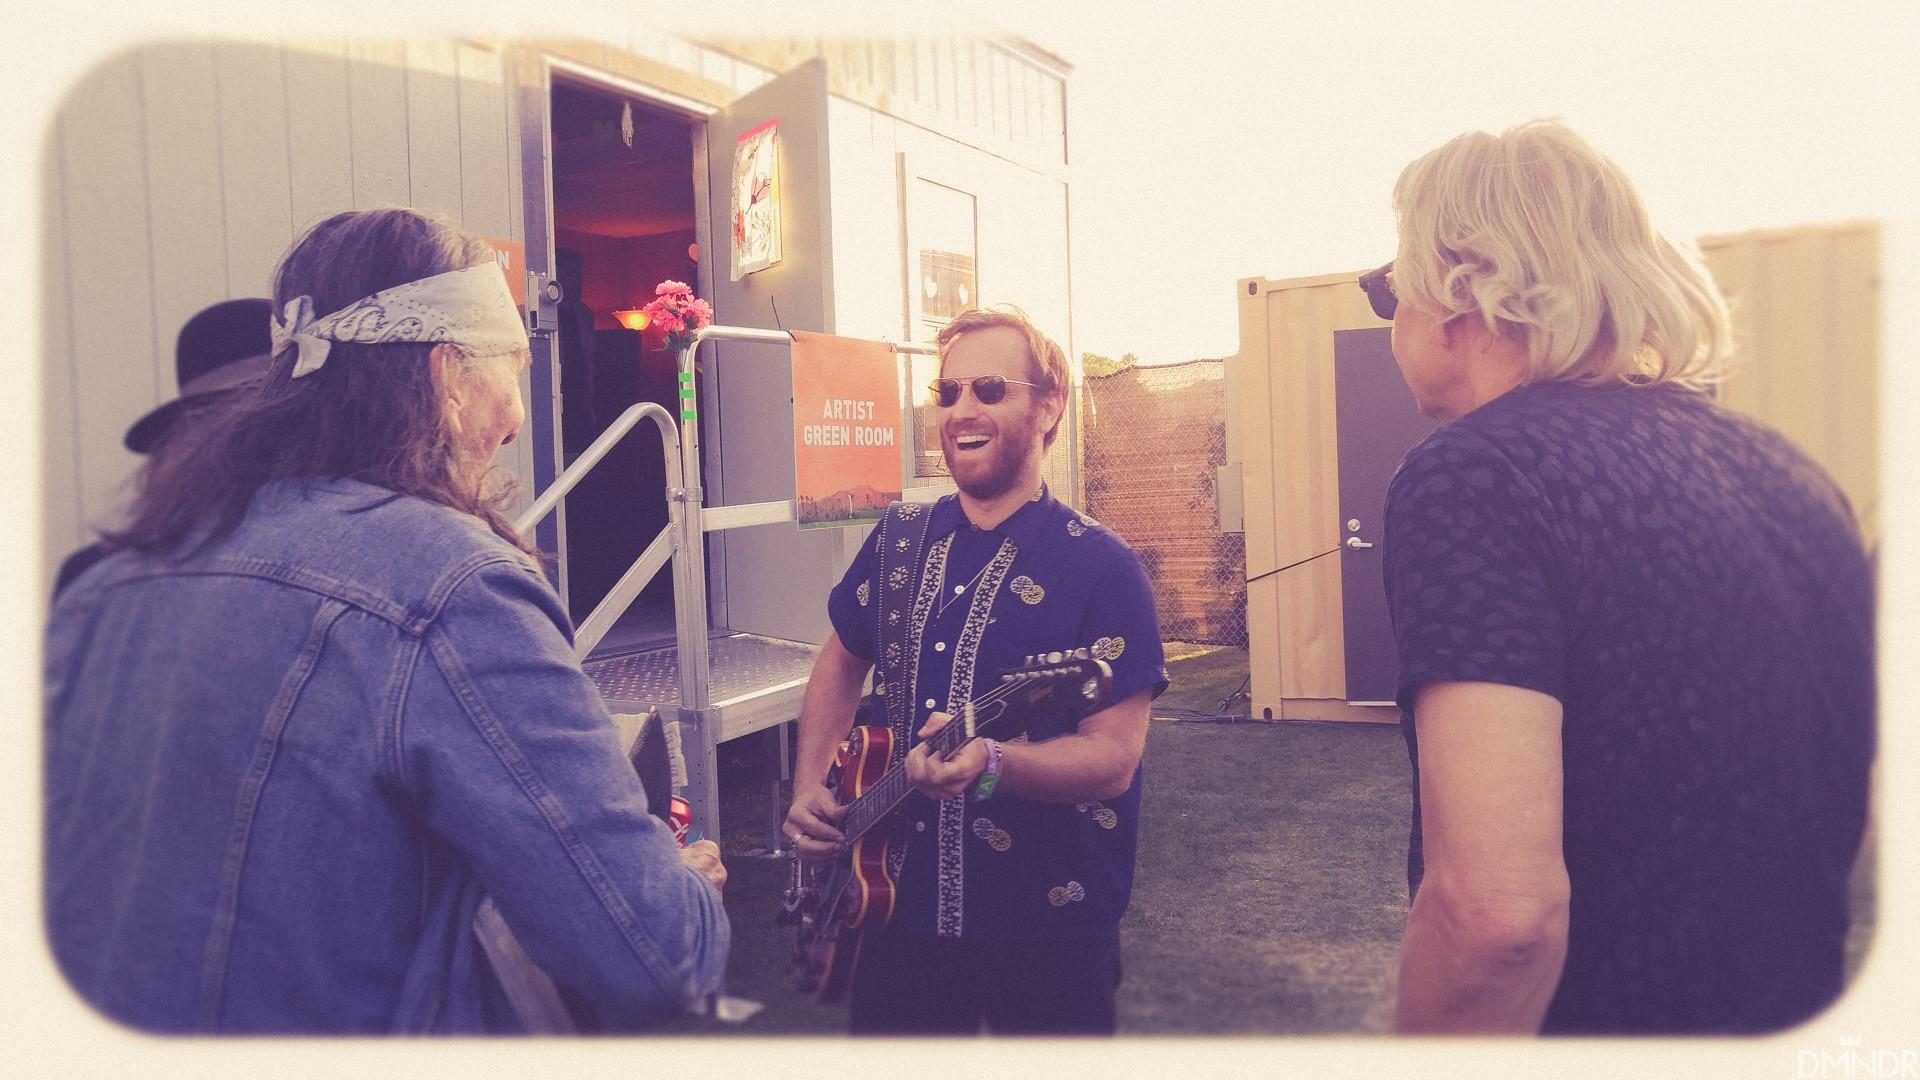 Dan,Joe Walsh, Glenn Schwartz bonding before hopping on Mojave stage